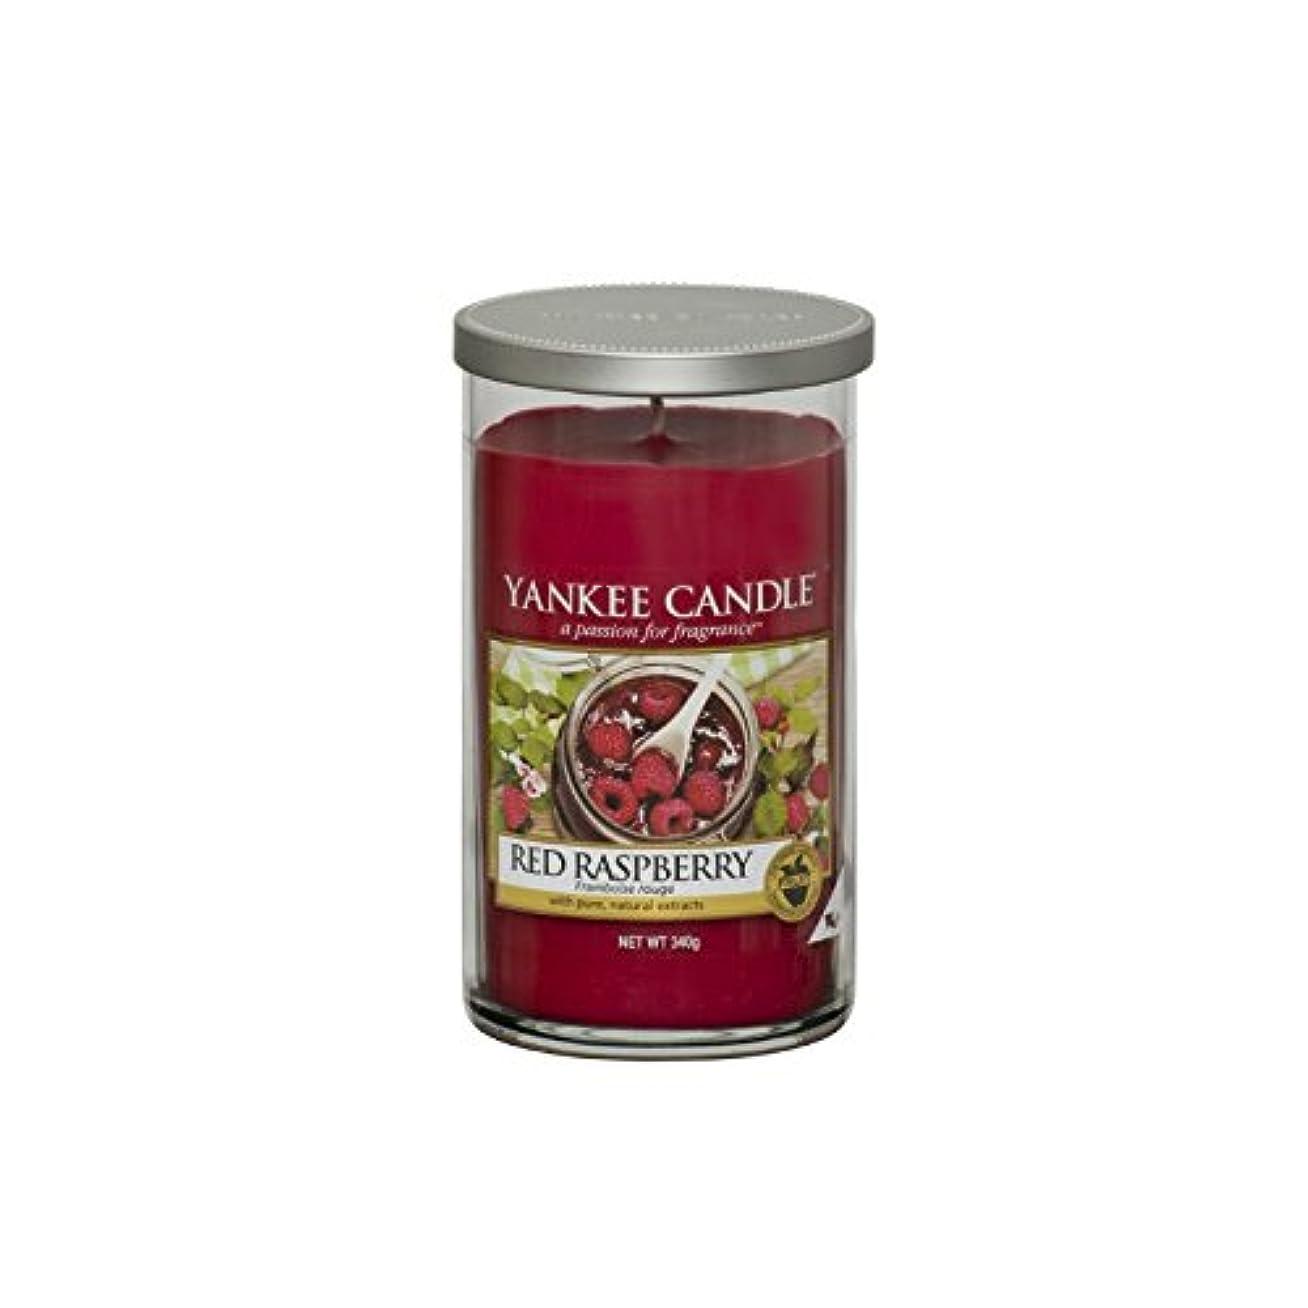 社員地上の直径Yankee Candles Medium Pillar Candle - Red Raspberry (Pack of 6) - ヤンキーキャンドルメディアピラーキャンドル - レッドラズベリー (x6) [並行輸入品]